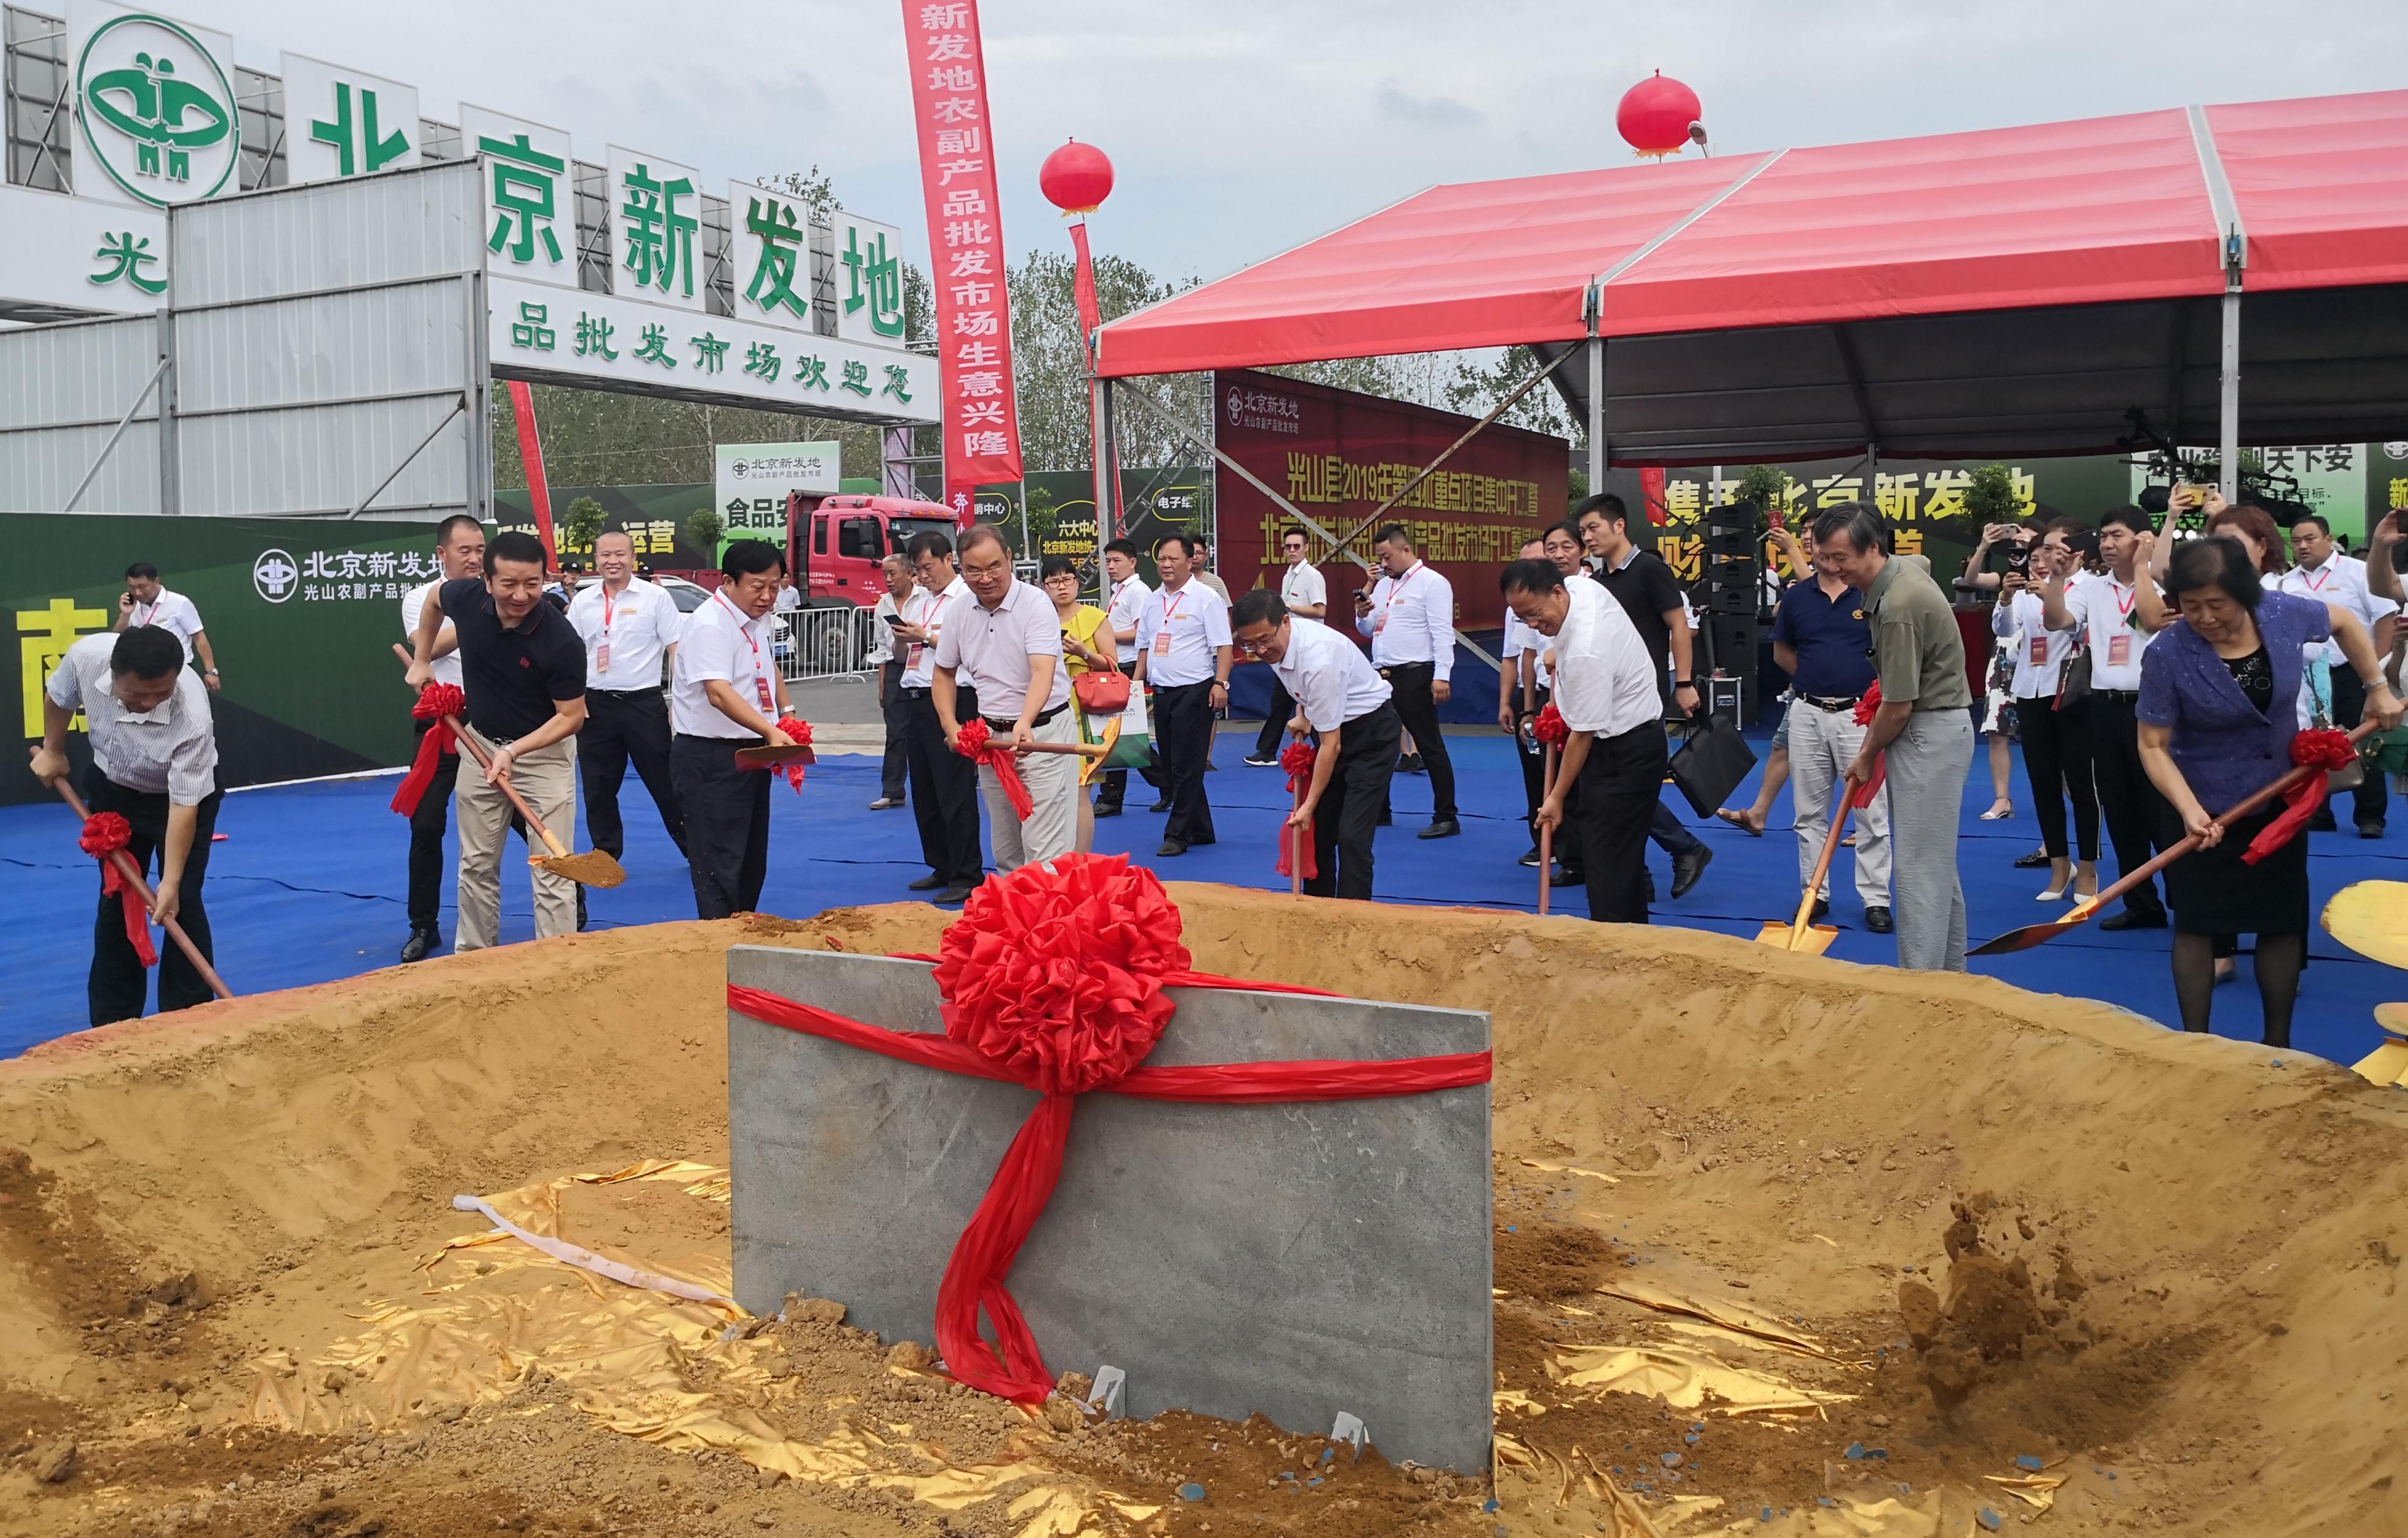 """北京新发地""""内升外扩""""战略再扩一城 """"以销定产、以产促销""""新型产业体系已形成"""